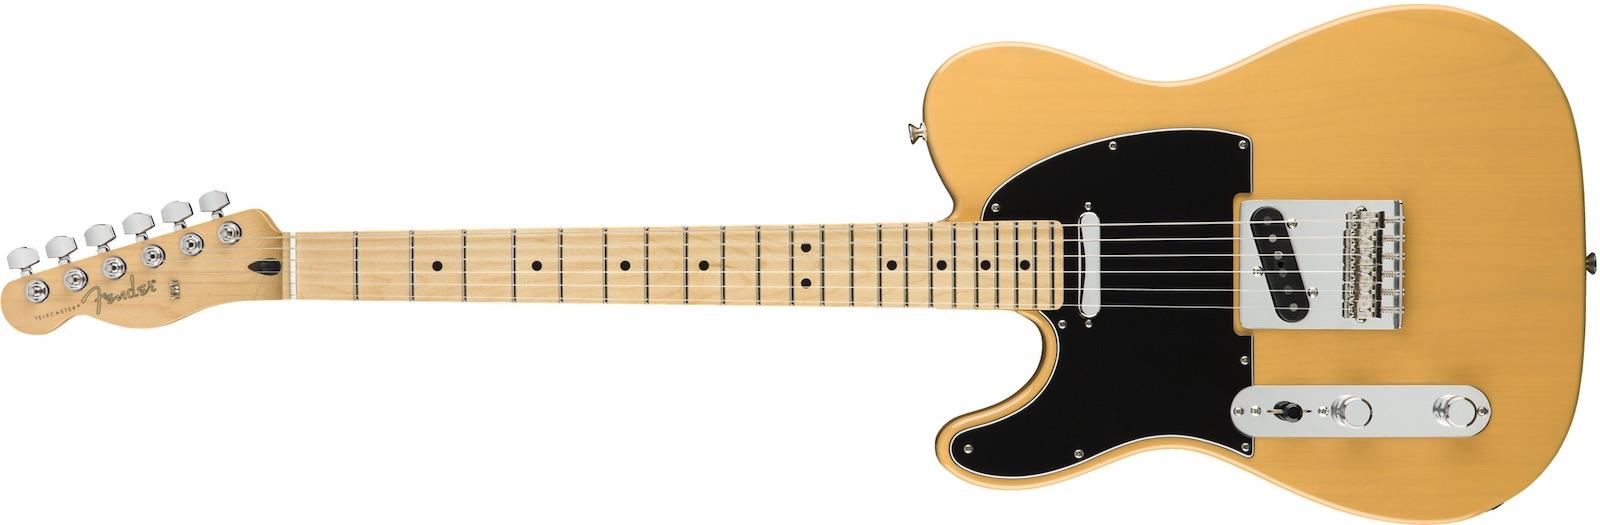 【新品】Fender Player Telecaster Left-Handed Maple Fingerboard ~Butterscotch Blonde~ 【お取り寄せ】【送料無料】【池袋店】